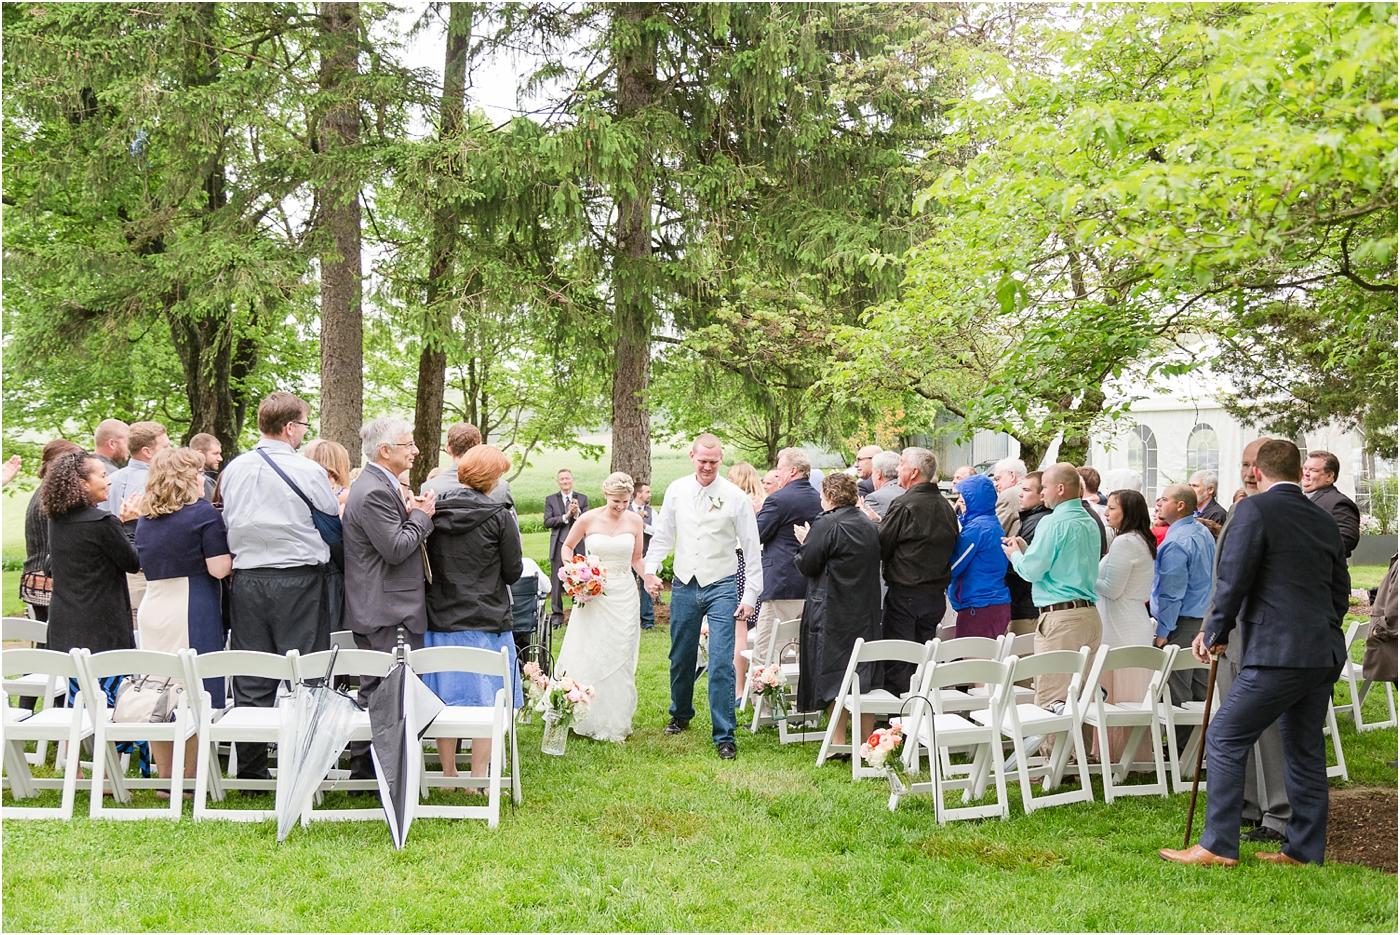 Royer-House-Wedding-Photos-50.jpg